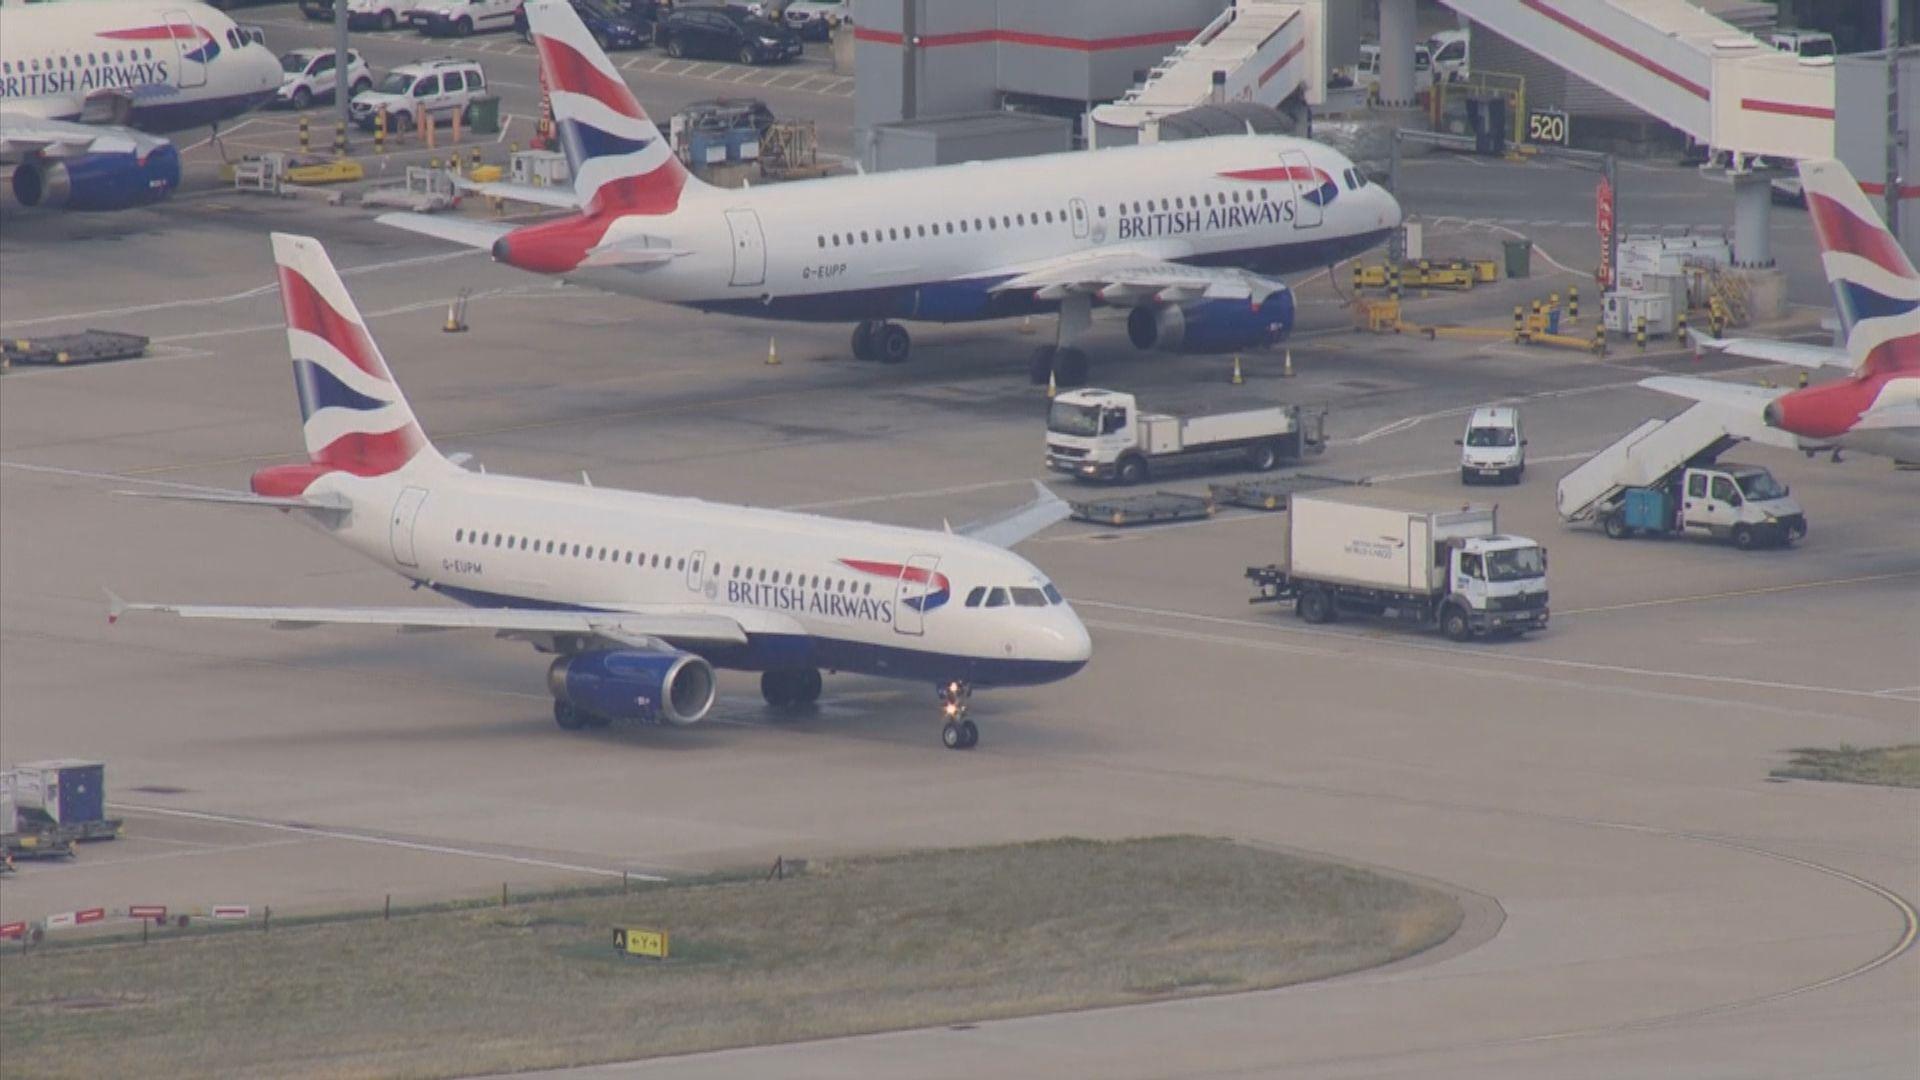 脫歐為英國航空業帶來營運困難